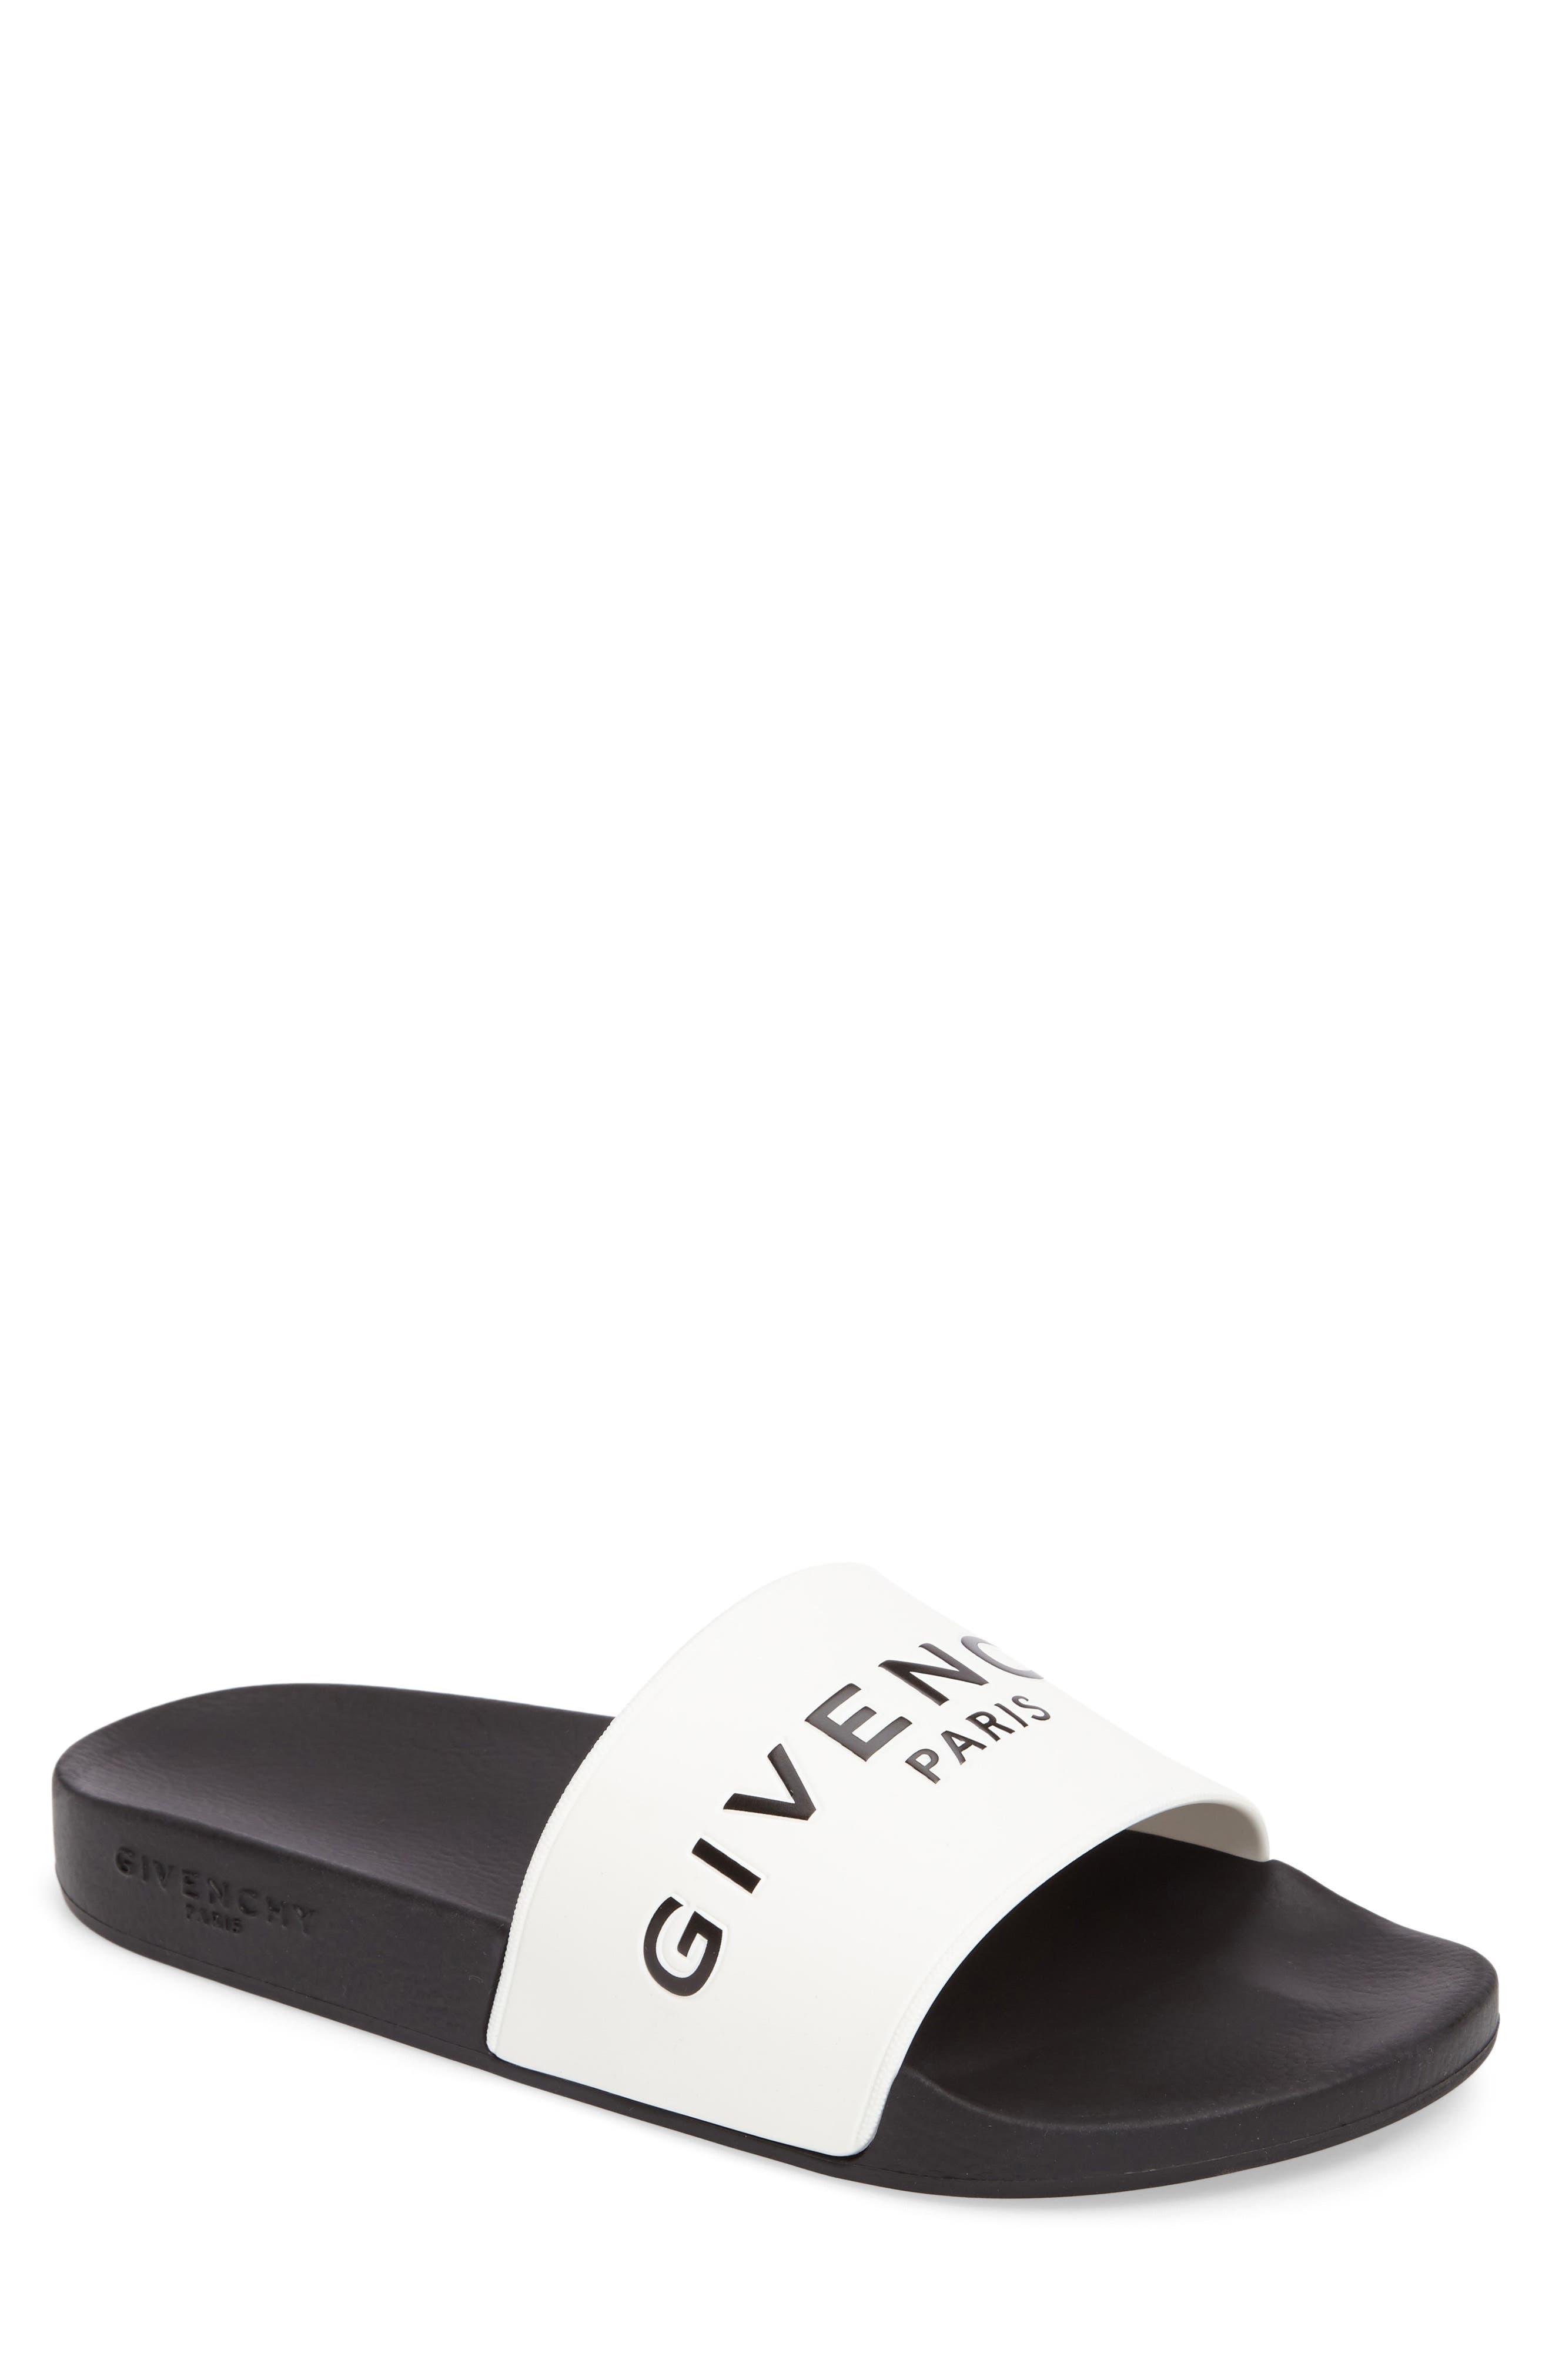 Alternate Image 1 Selected - Givenchy Slide Sandal (Men)